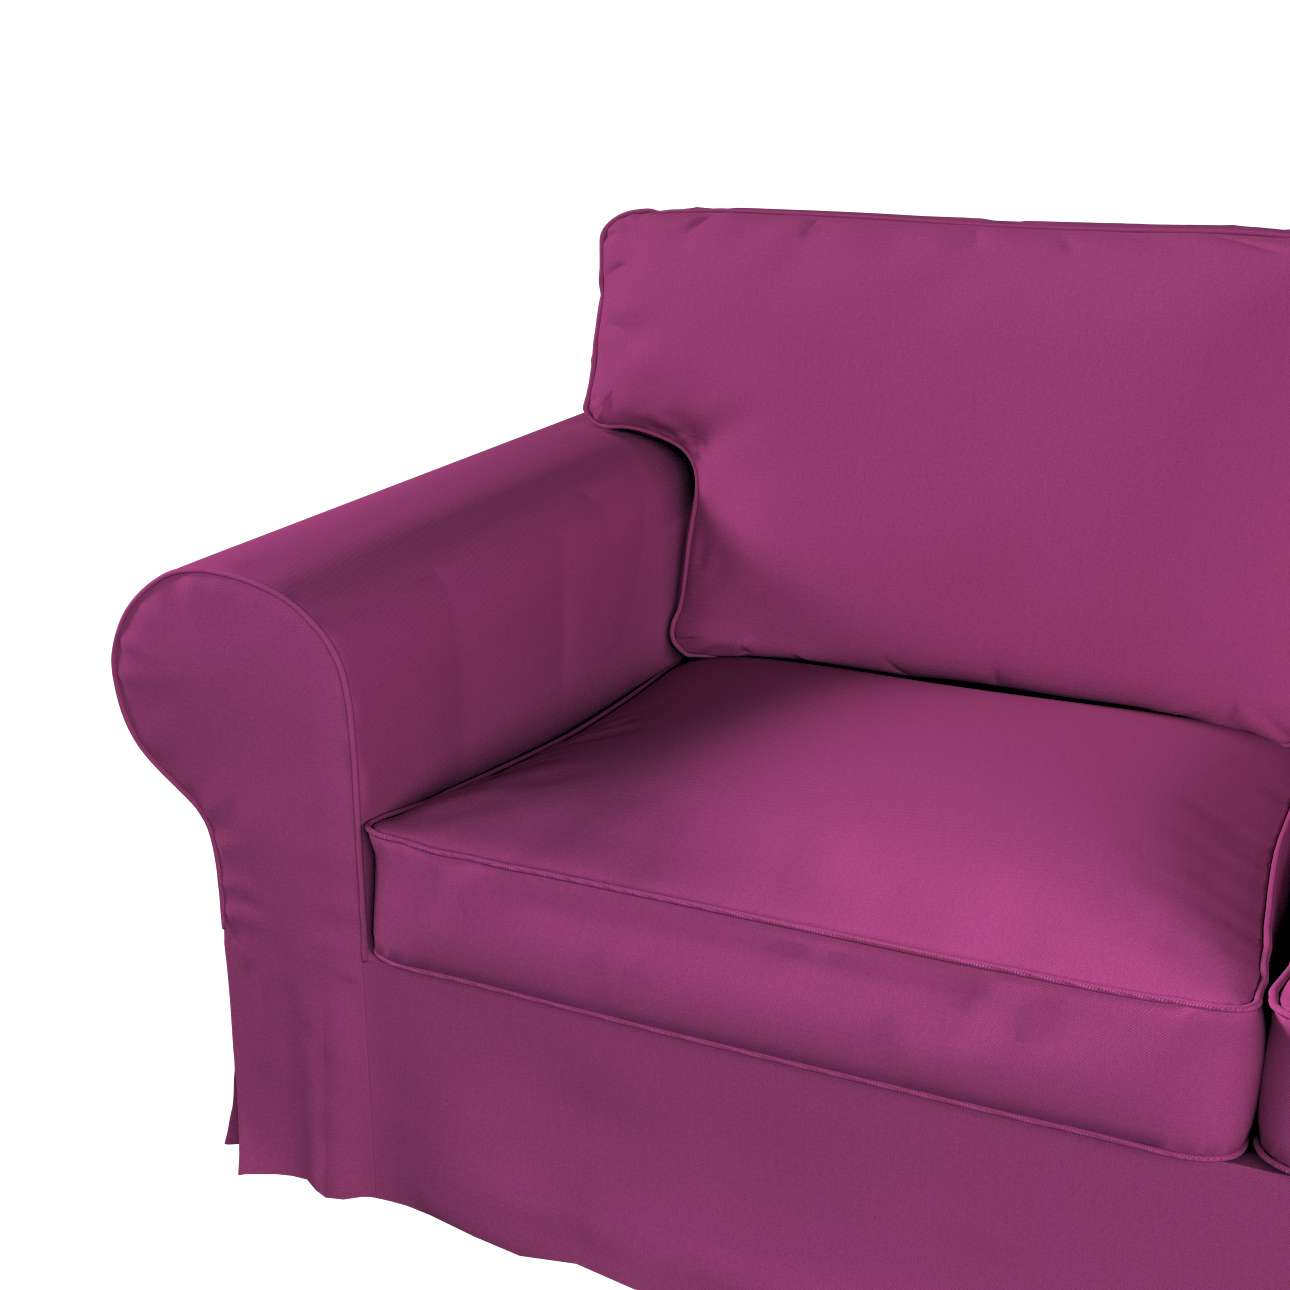 Ektorp 2-Sitzer Sofabezug mit Recamiere von der Kollektion Etna, Stoff: 705-23